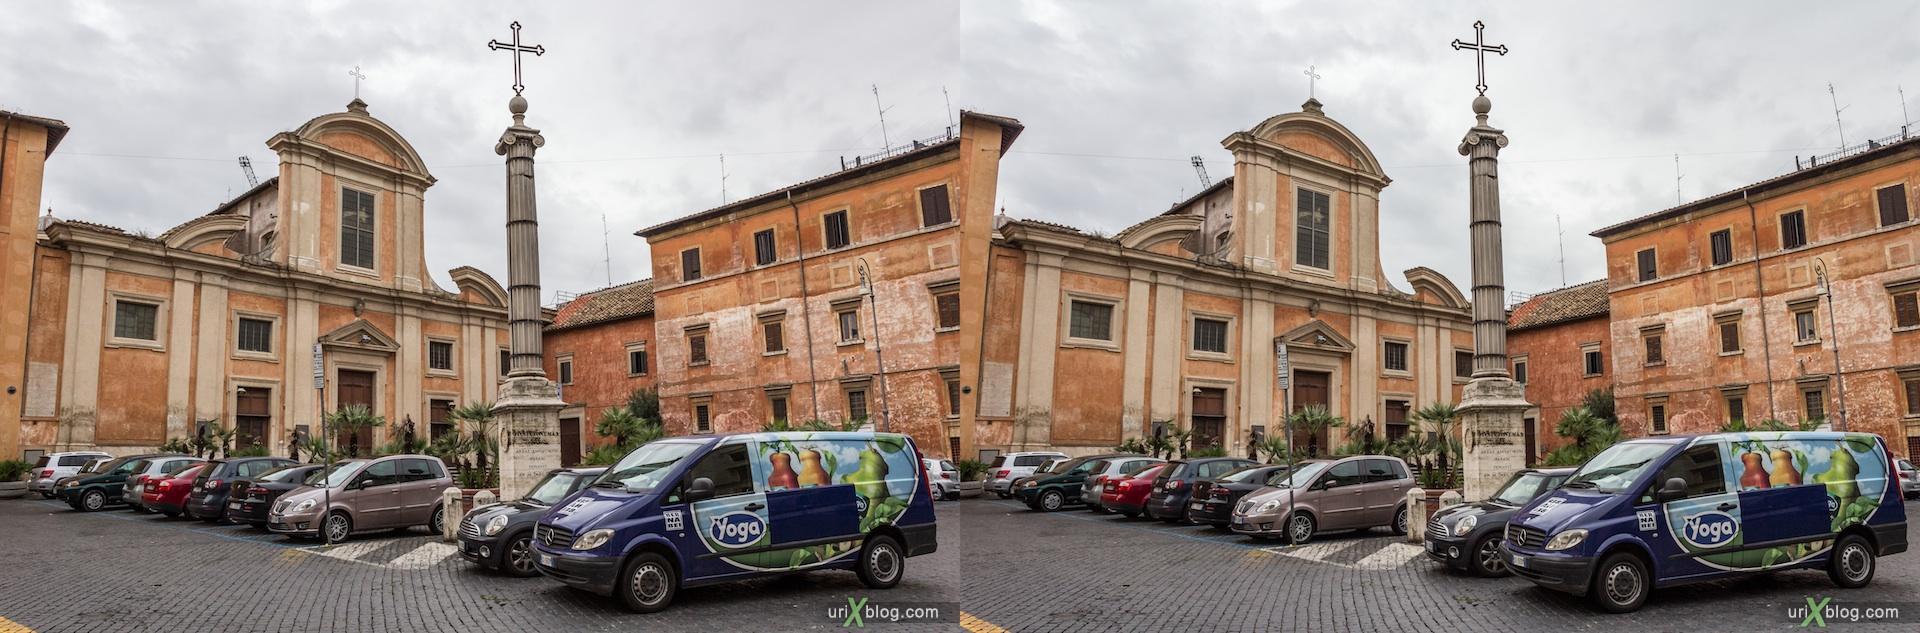 2012, церковь Сан-Франческо-а-Рипа, собор, христианство, католичество, Рим, Италия, осень, 3D, перекрёстные стереопары, стерео, стереопара, стереопары